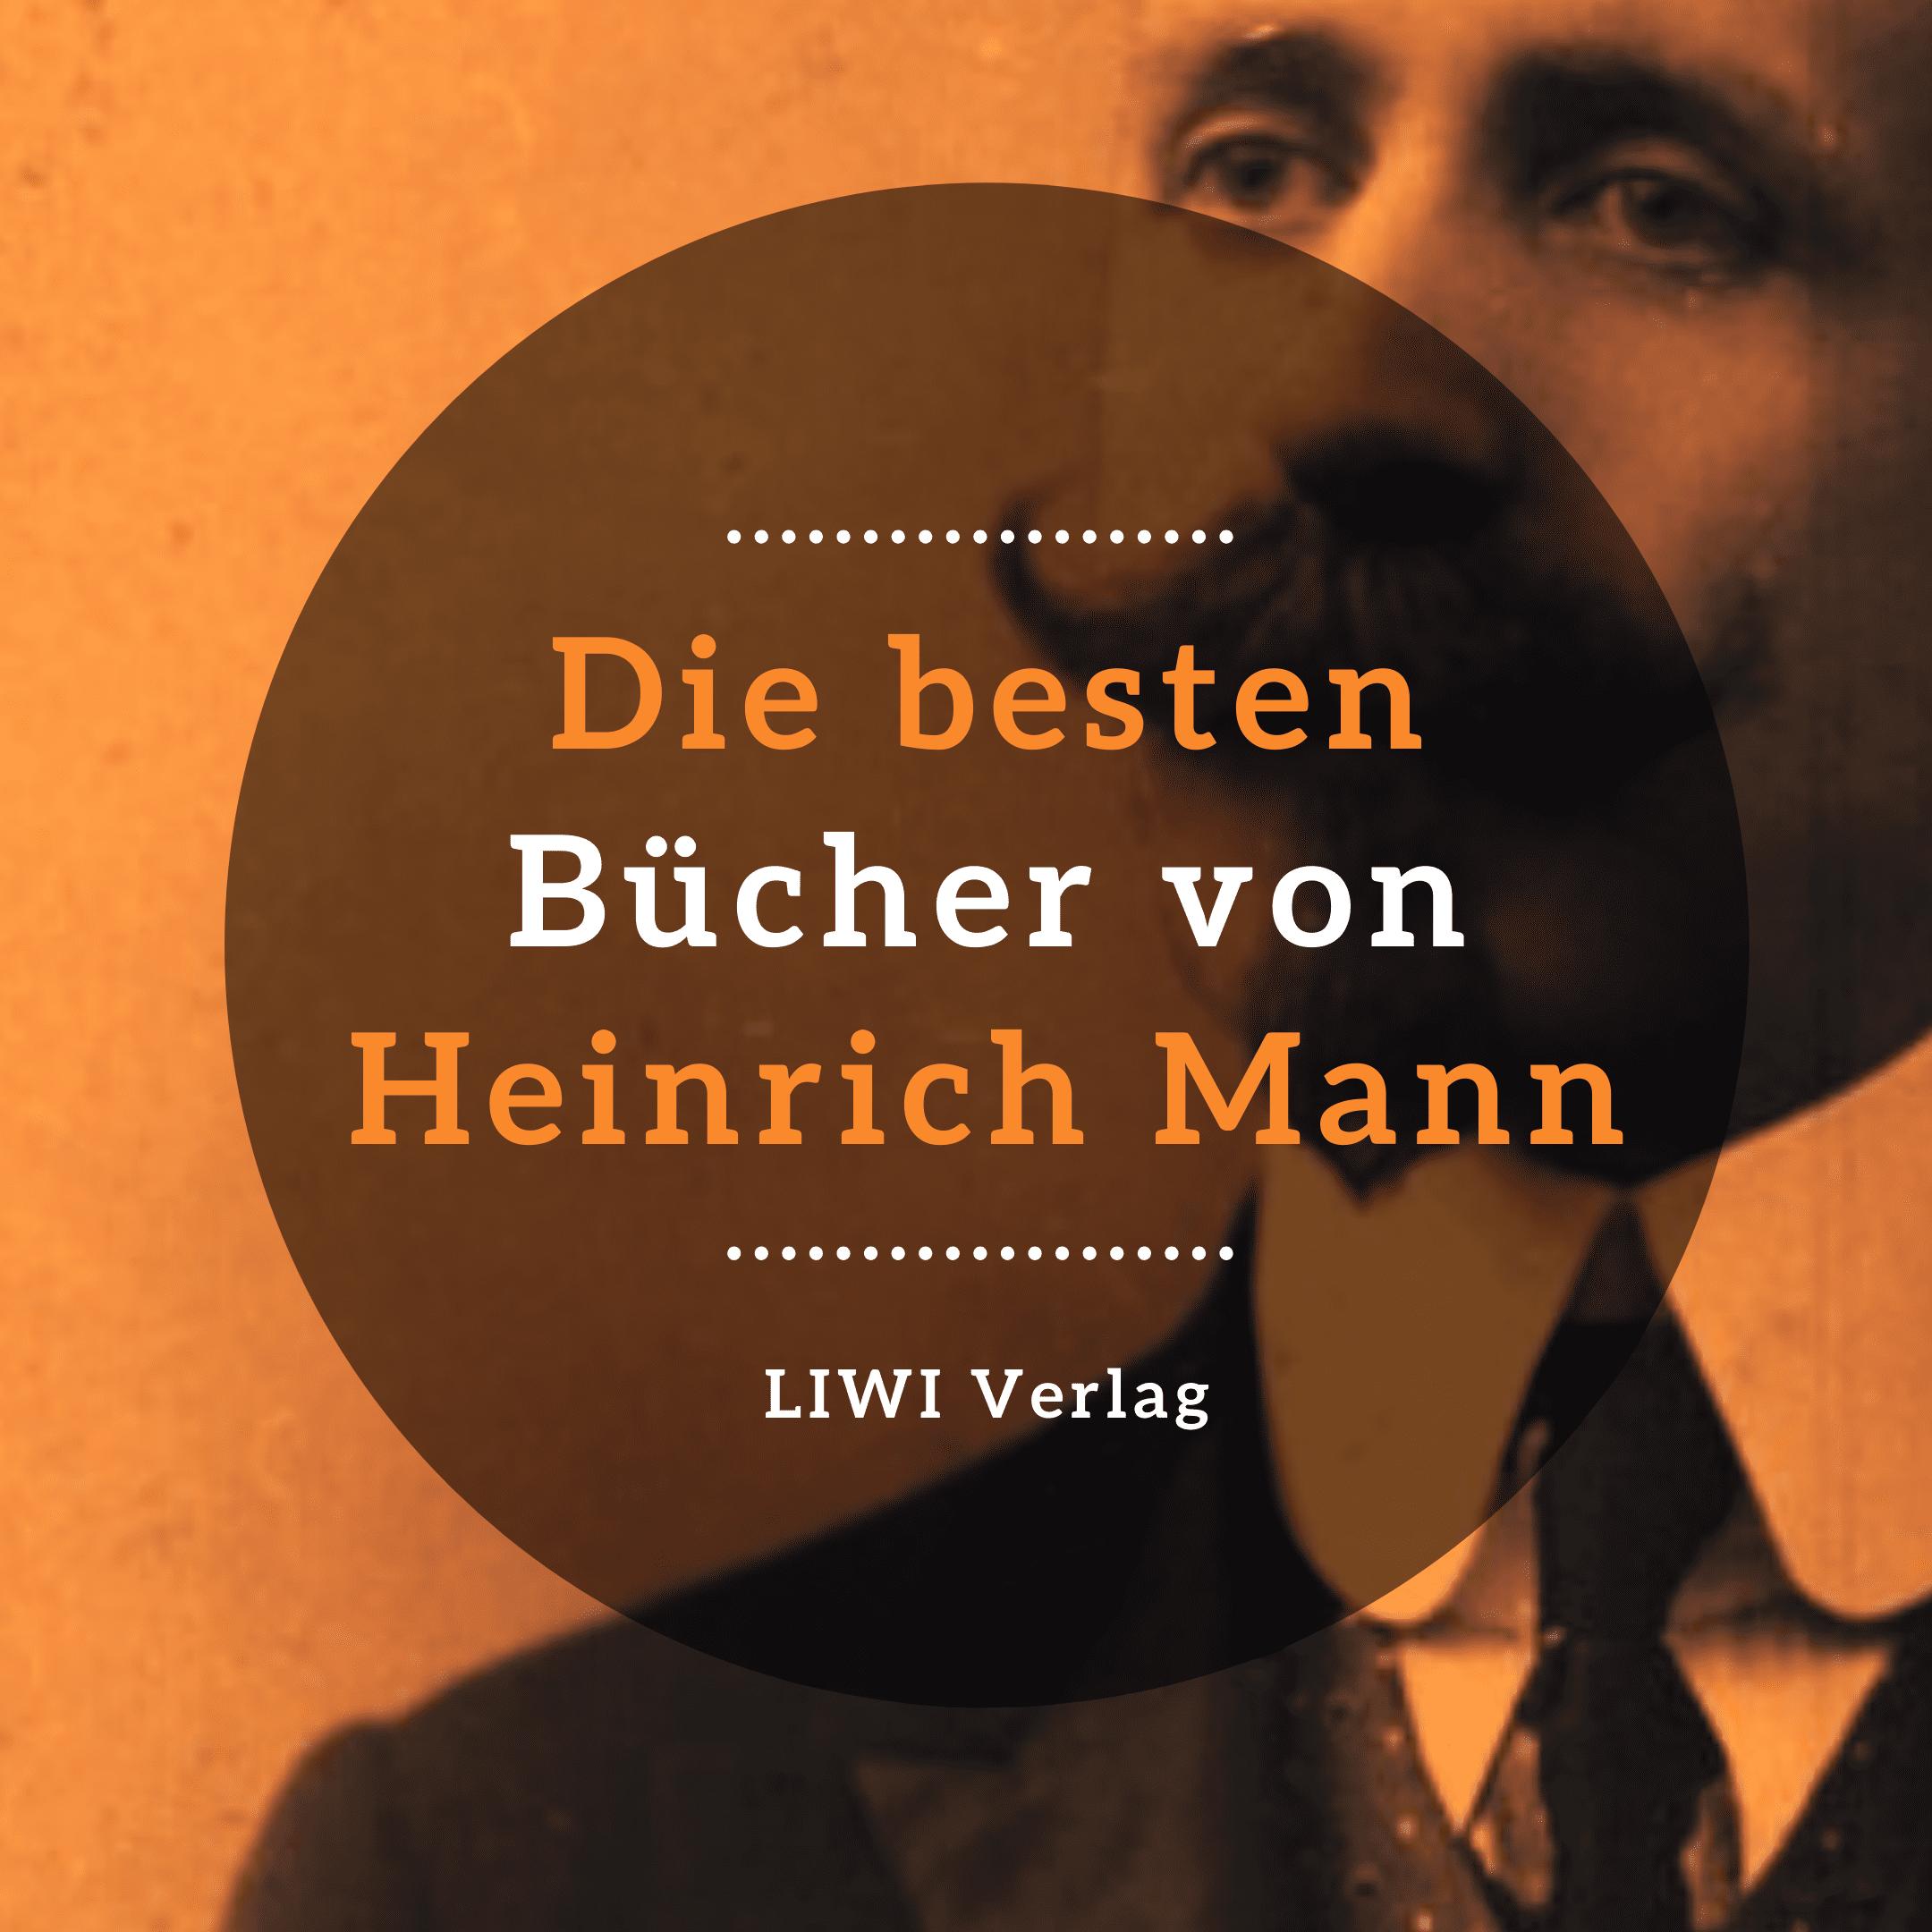 Die besten Bücher von Heinrich Mann LIWI Verlag